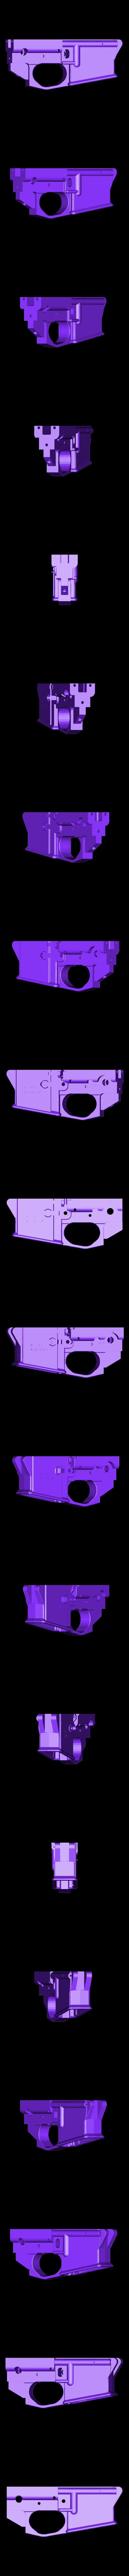 AR-15_-_main -.stl Télécharger fichier STL AR-15 • Design imprimable en 3D, idy26